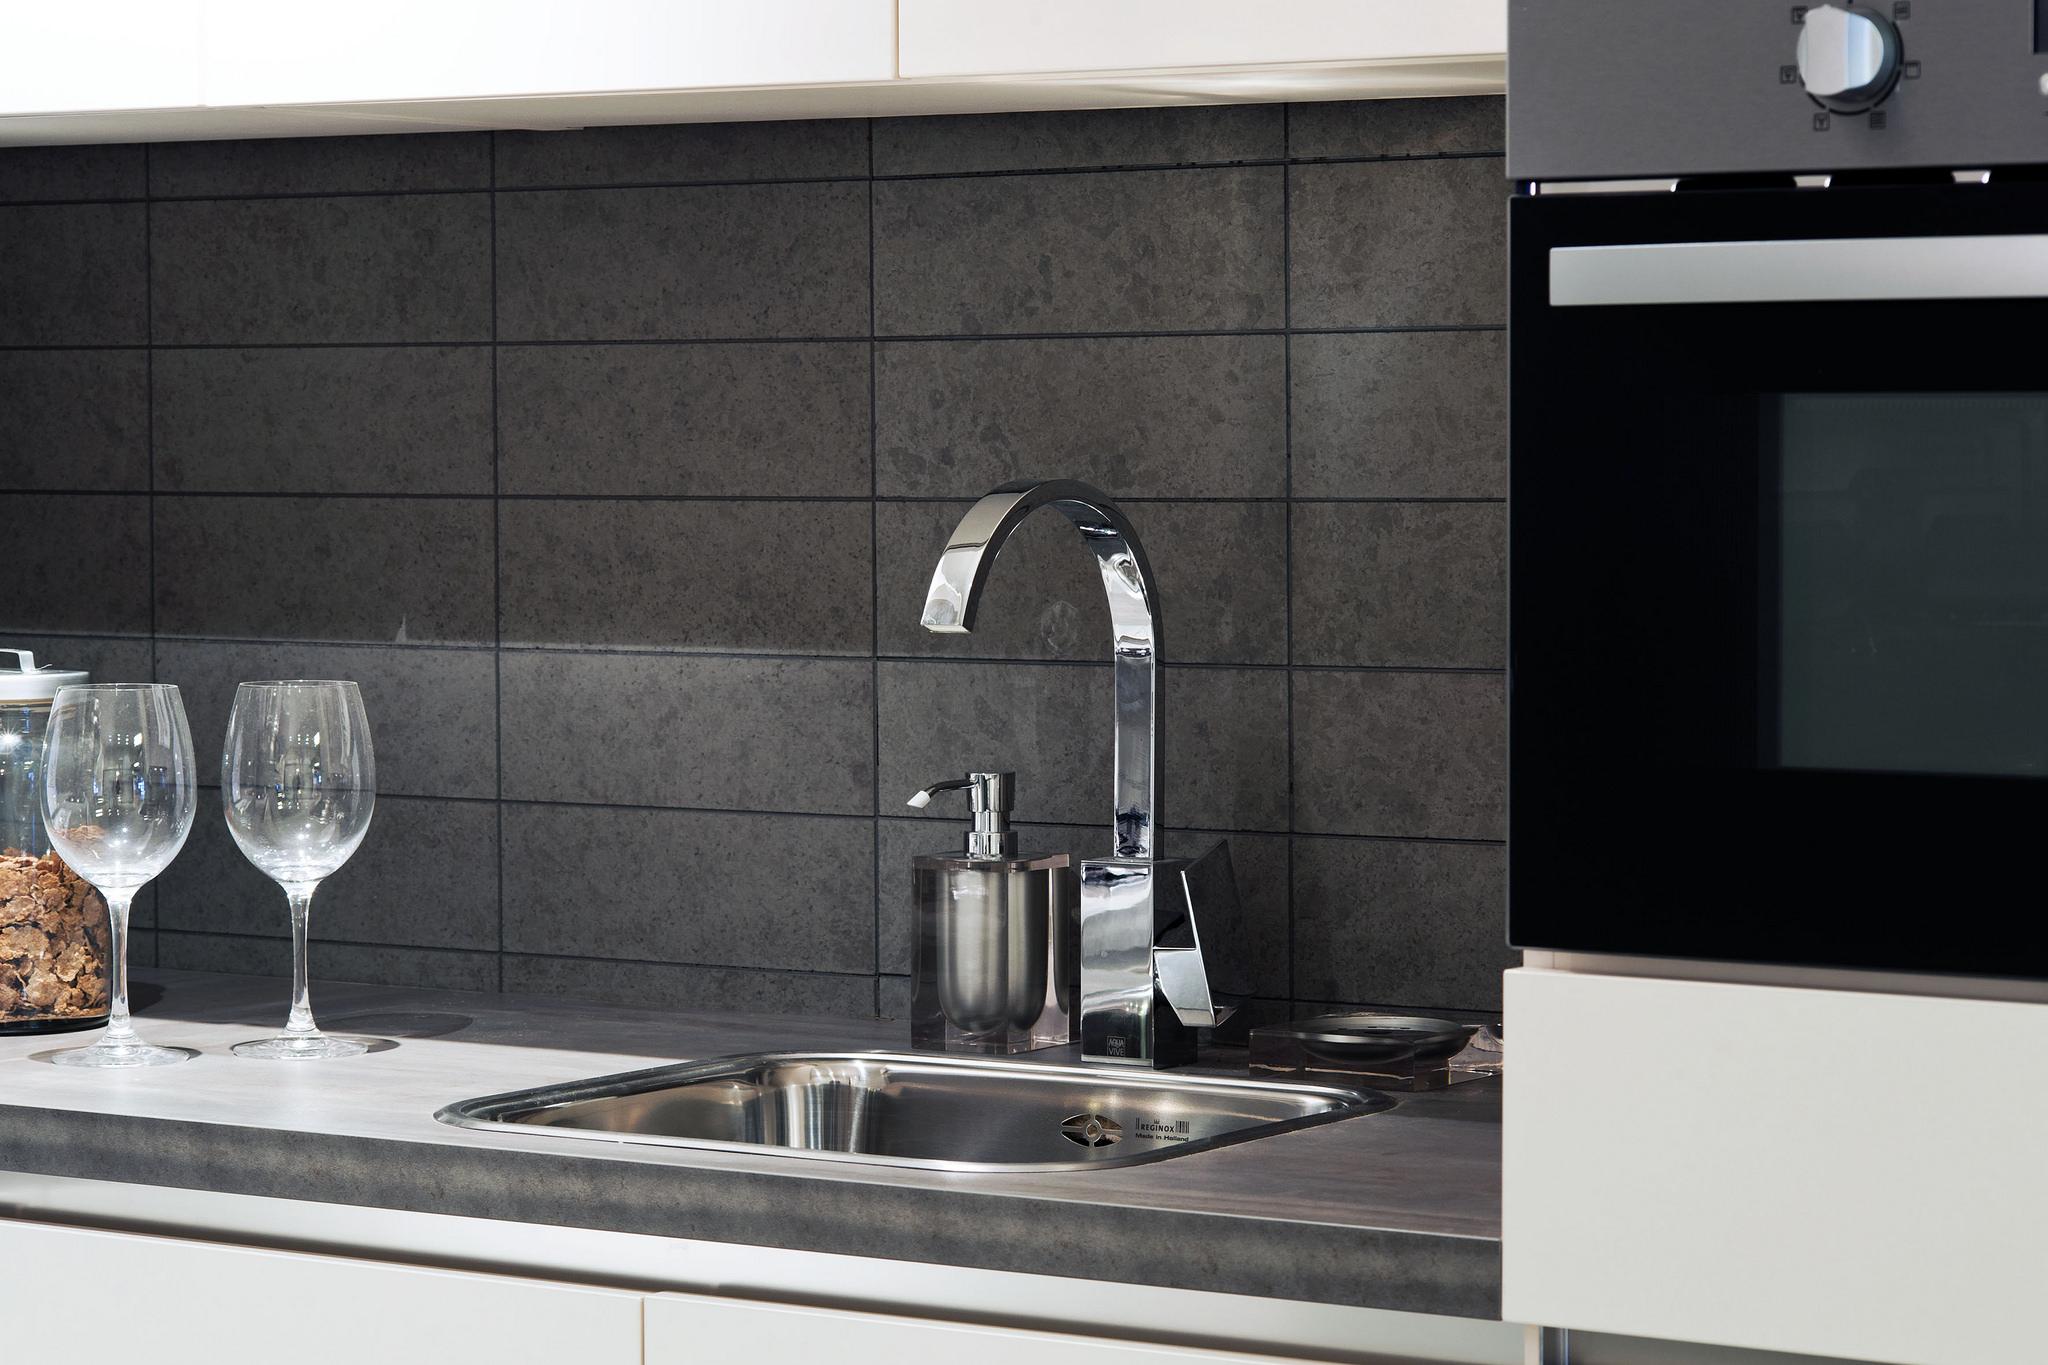 keuken nieuwe tegels : Handigste Oplossingen Voor De Achterwand In De Keuken Solvari